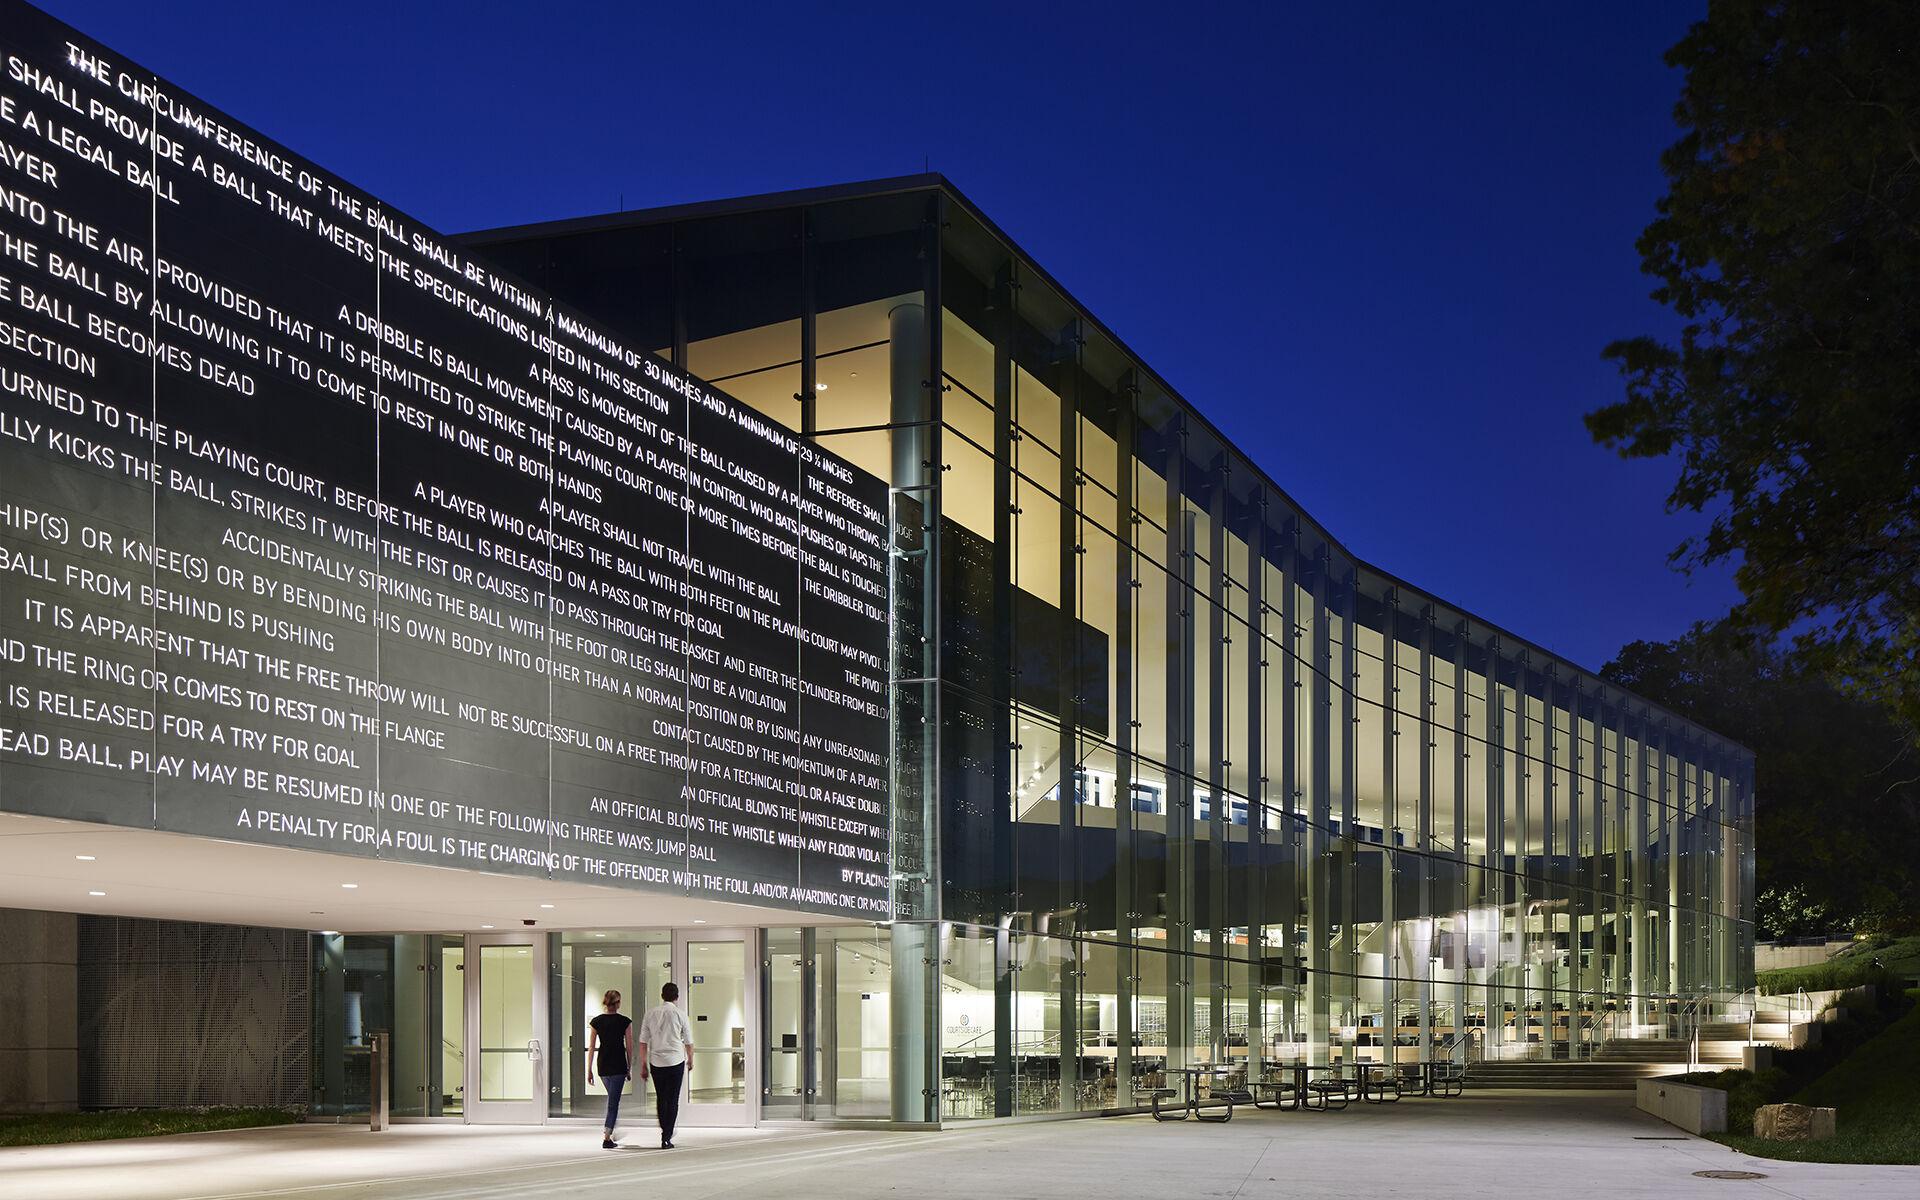 DeBruce Center - University of Kansas